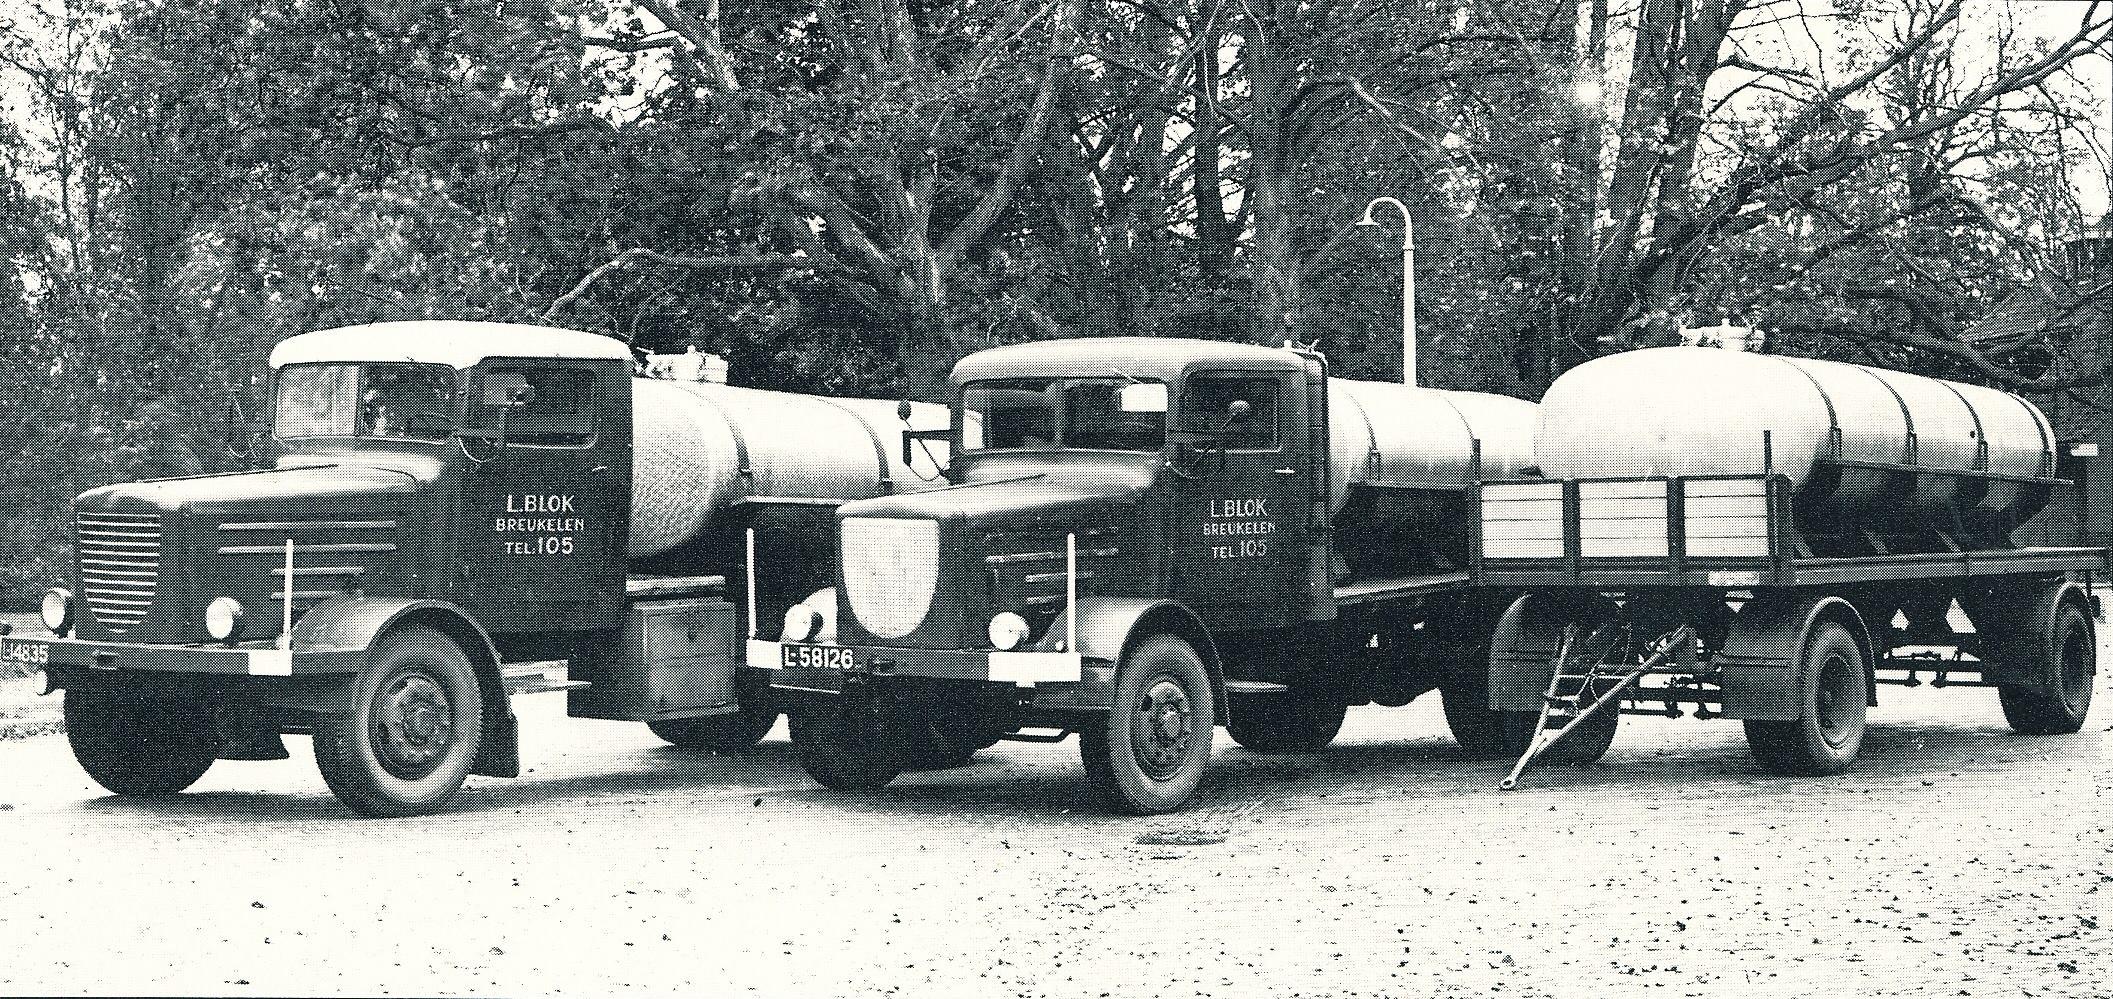 Bussing-L-Blok-Breukelen-Jan-V-Wees-archief